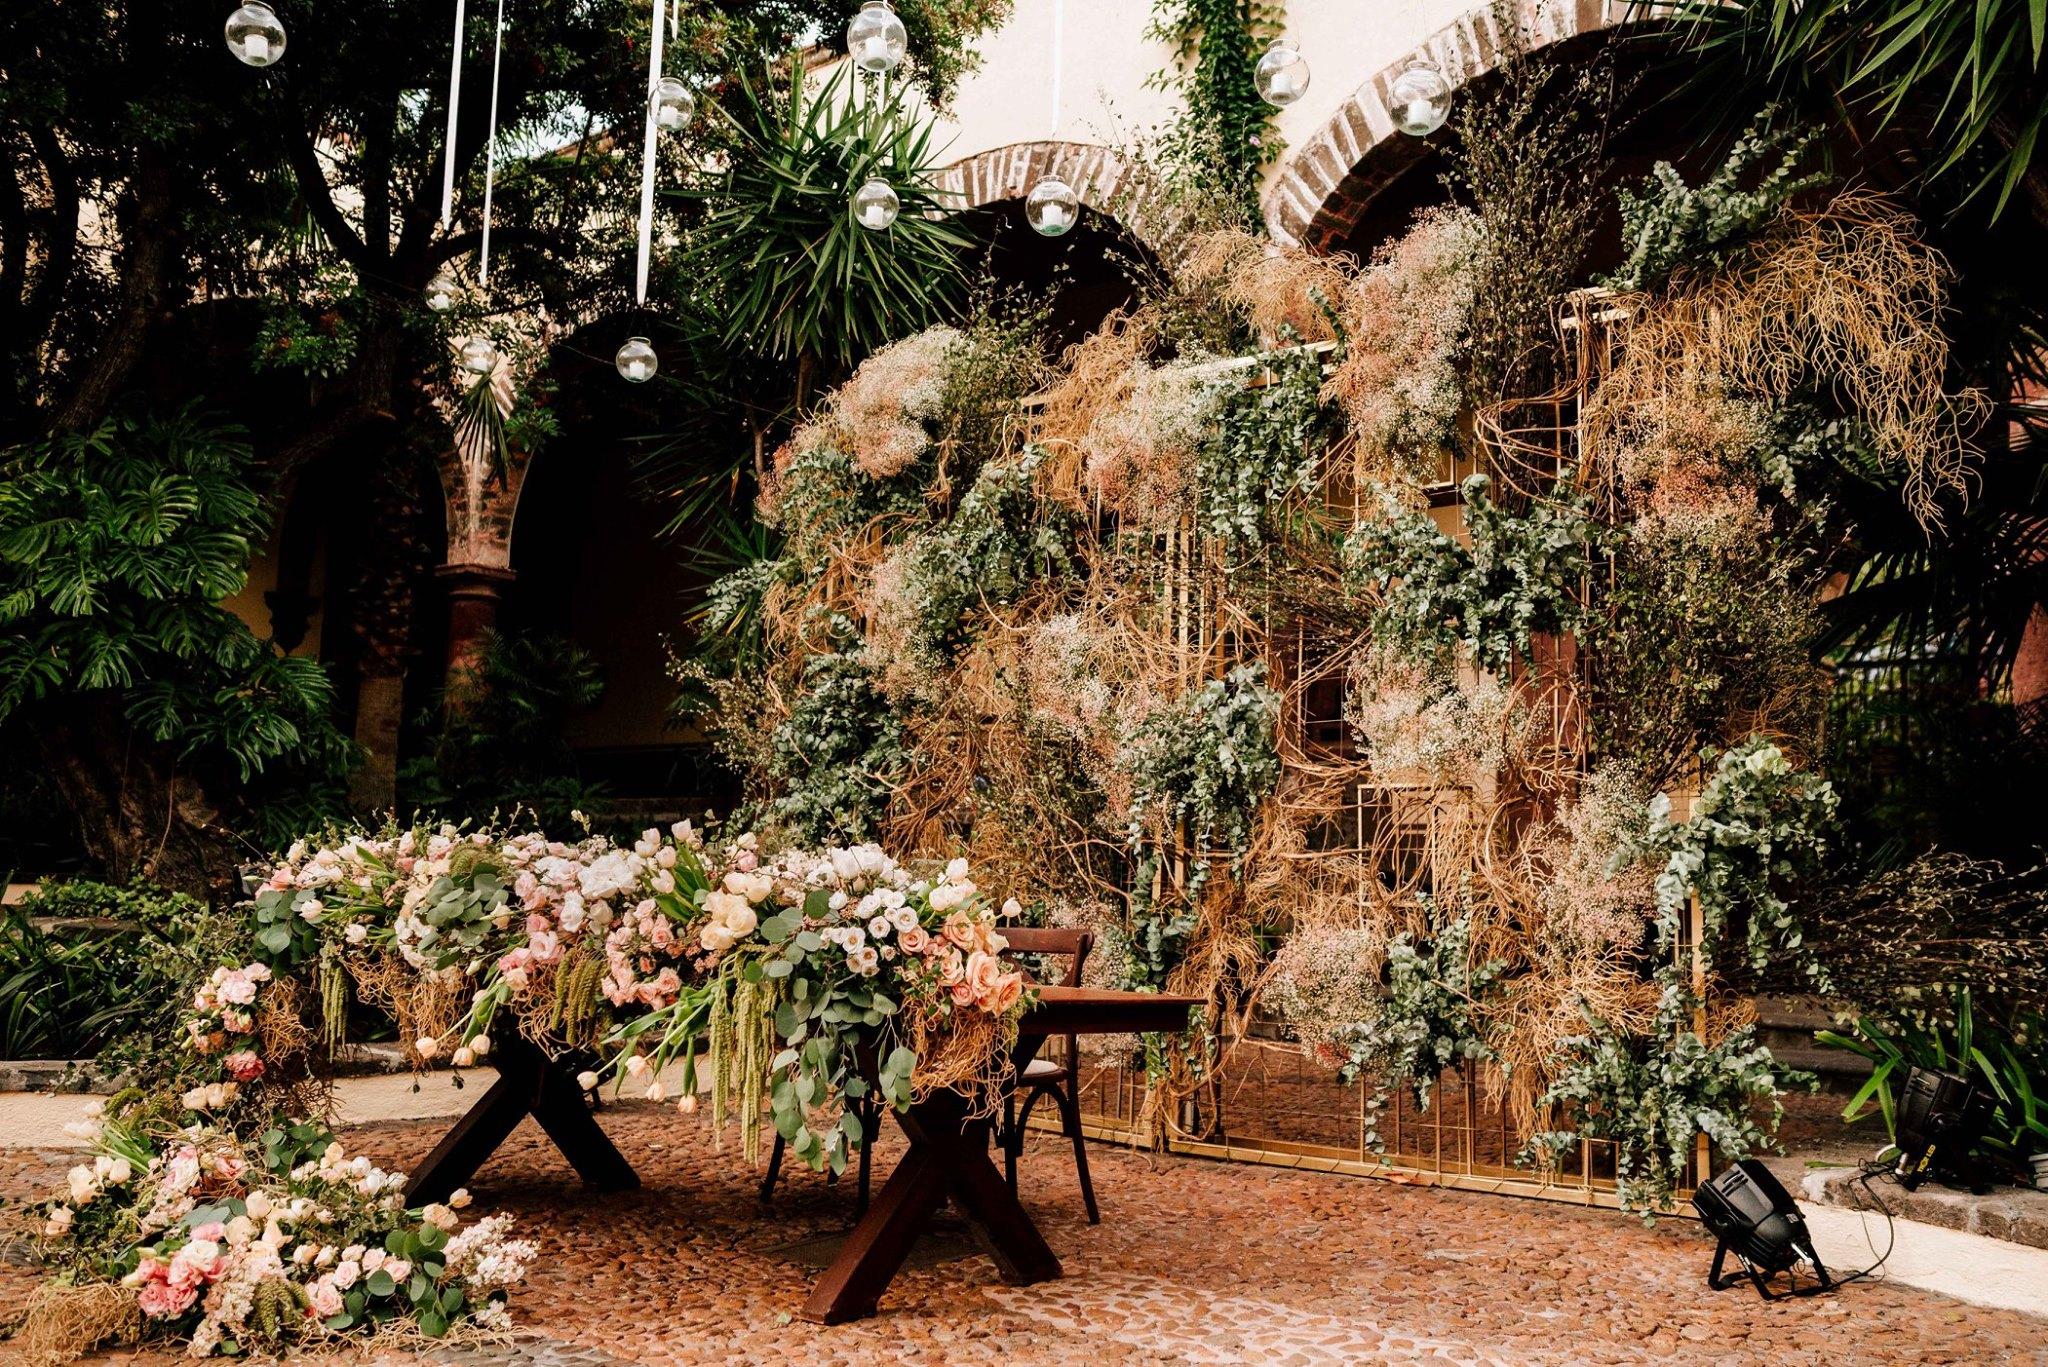 Joshua Vital Wedding Planner, Wedding Planner en Guanajuato, Wedding Planner en San Miguel de Allende - Wedding Hub - 07